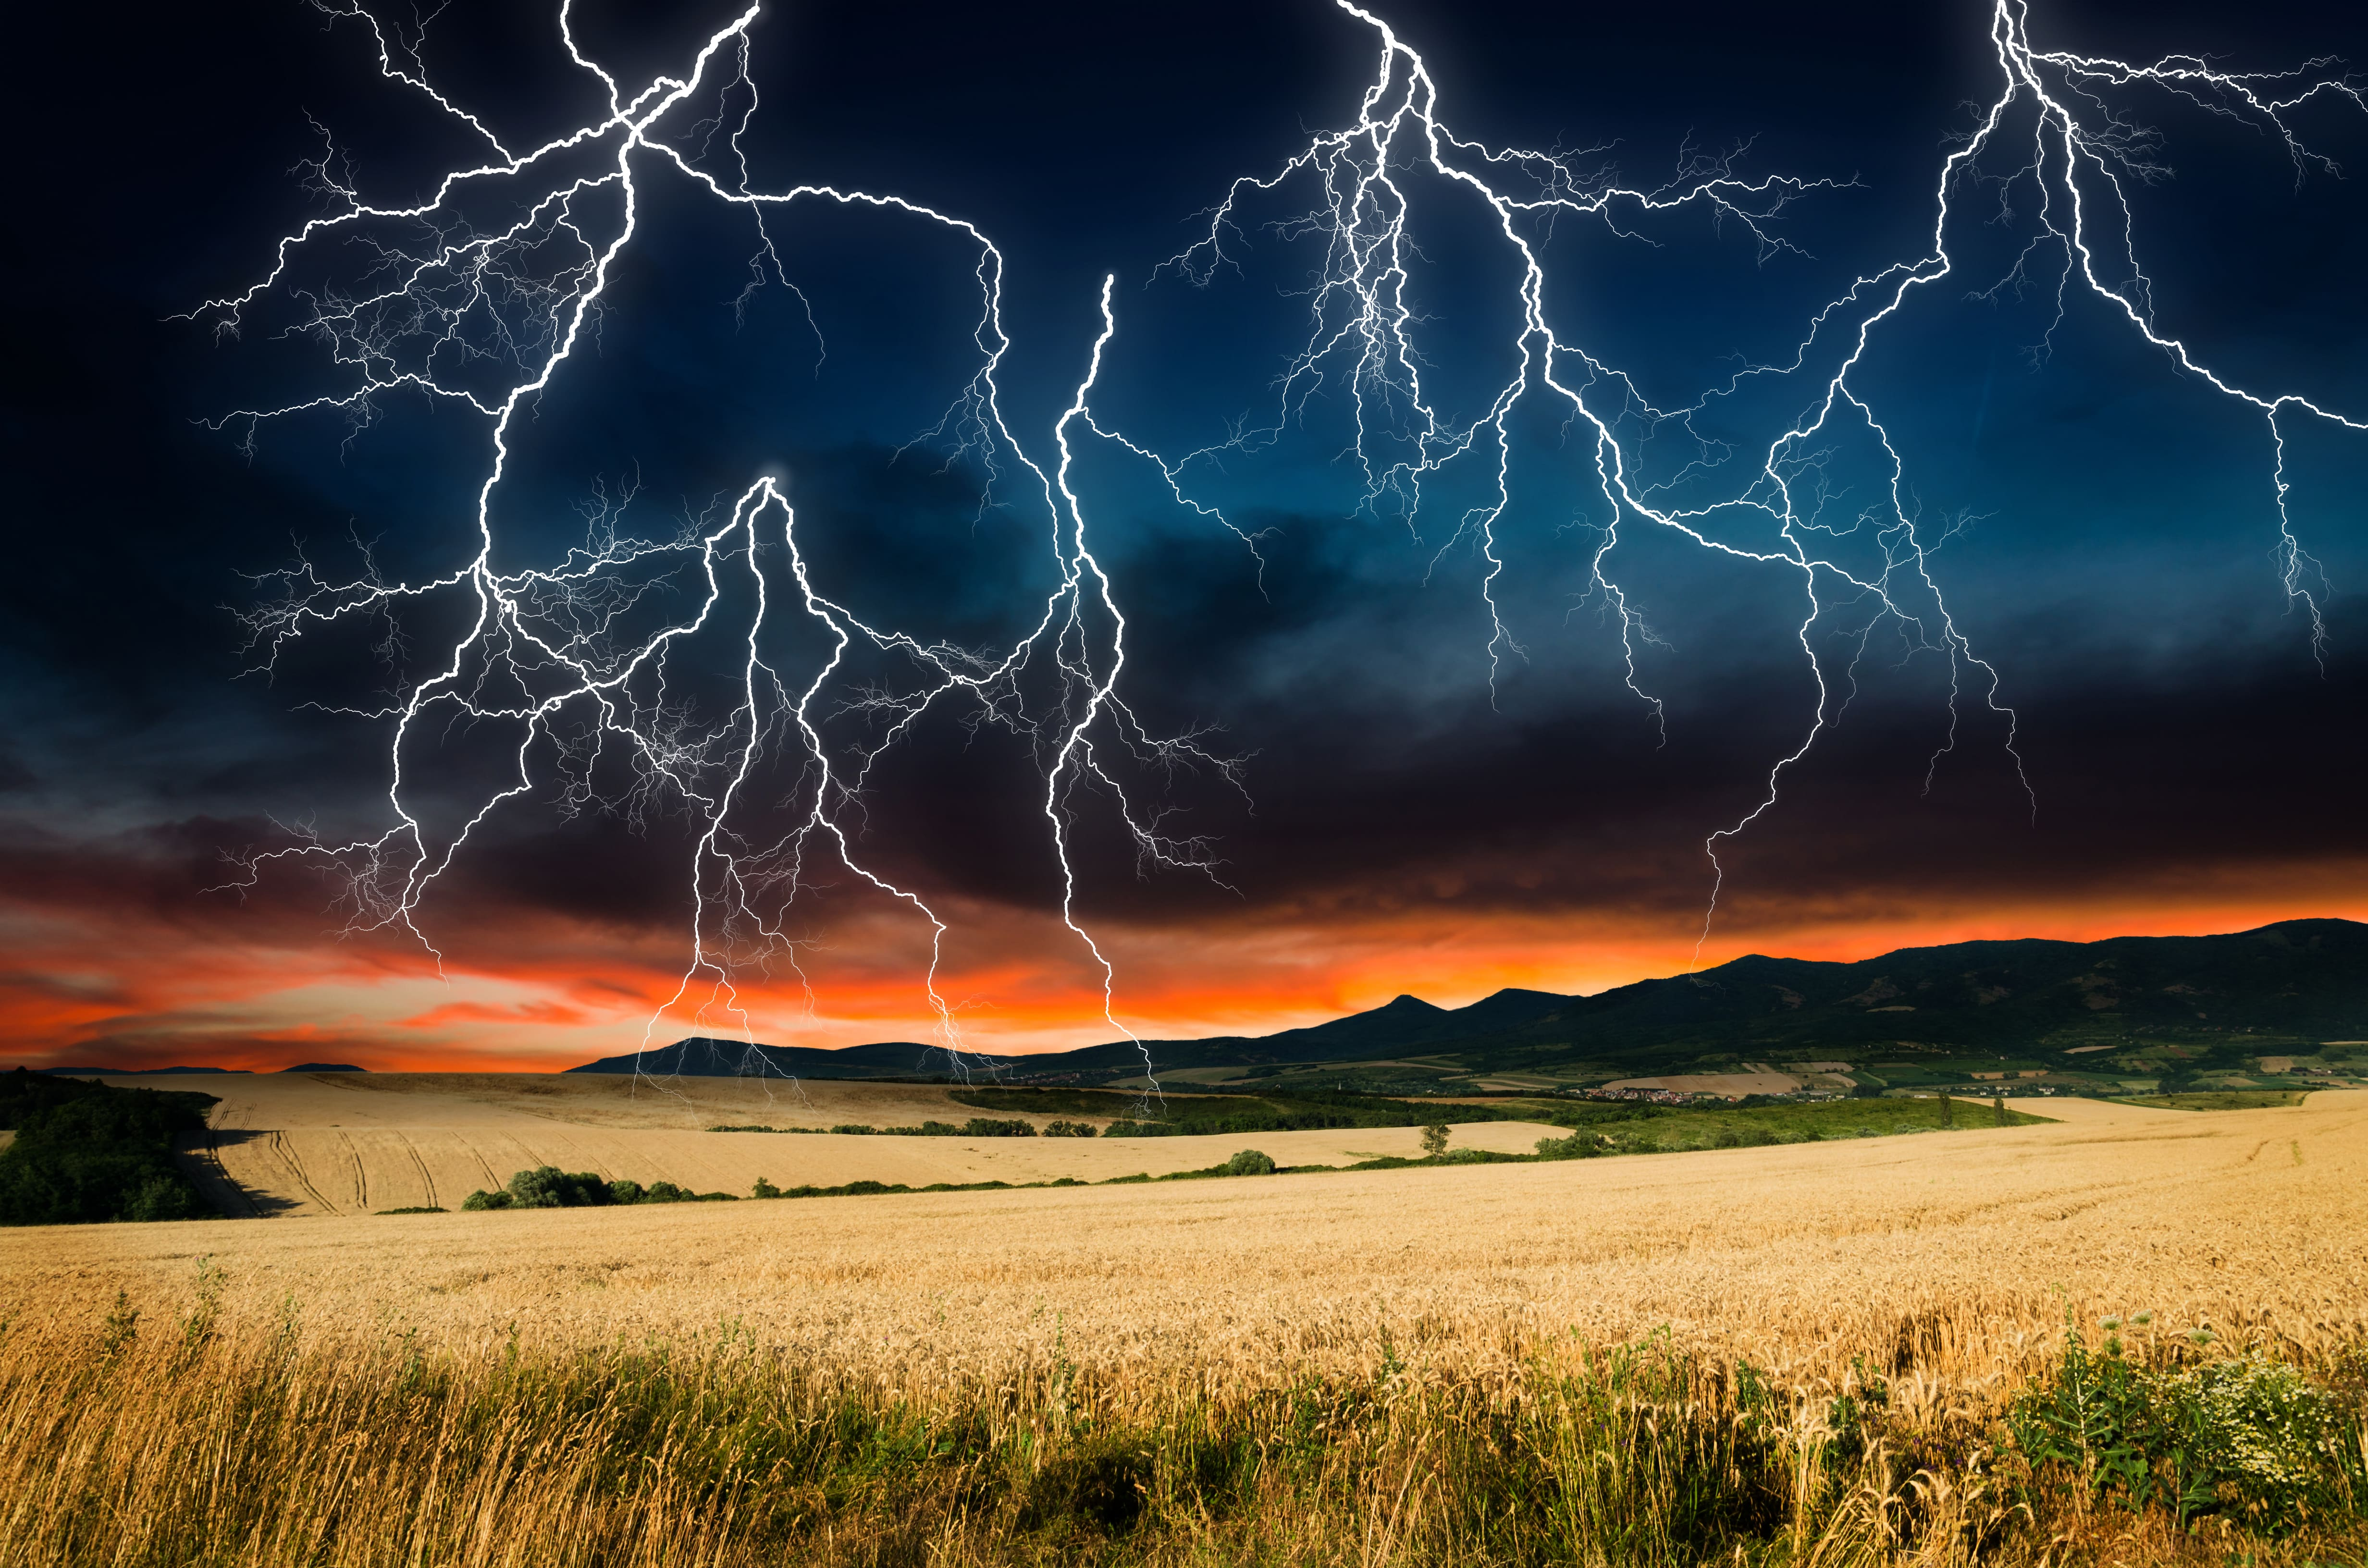 Die Beeinflussung der Sonnenrotation auf irdische Blitze 1